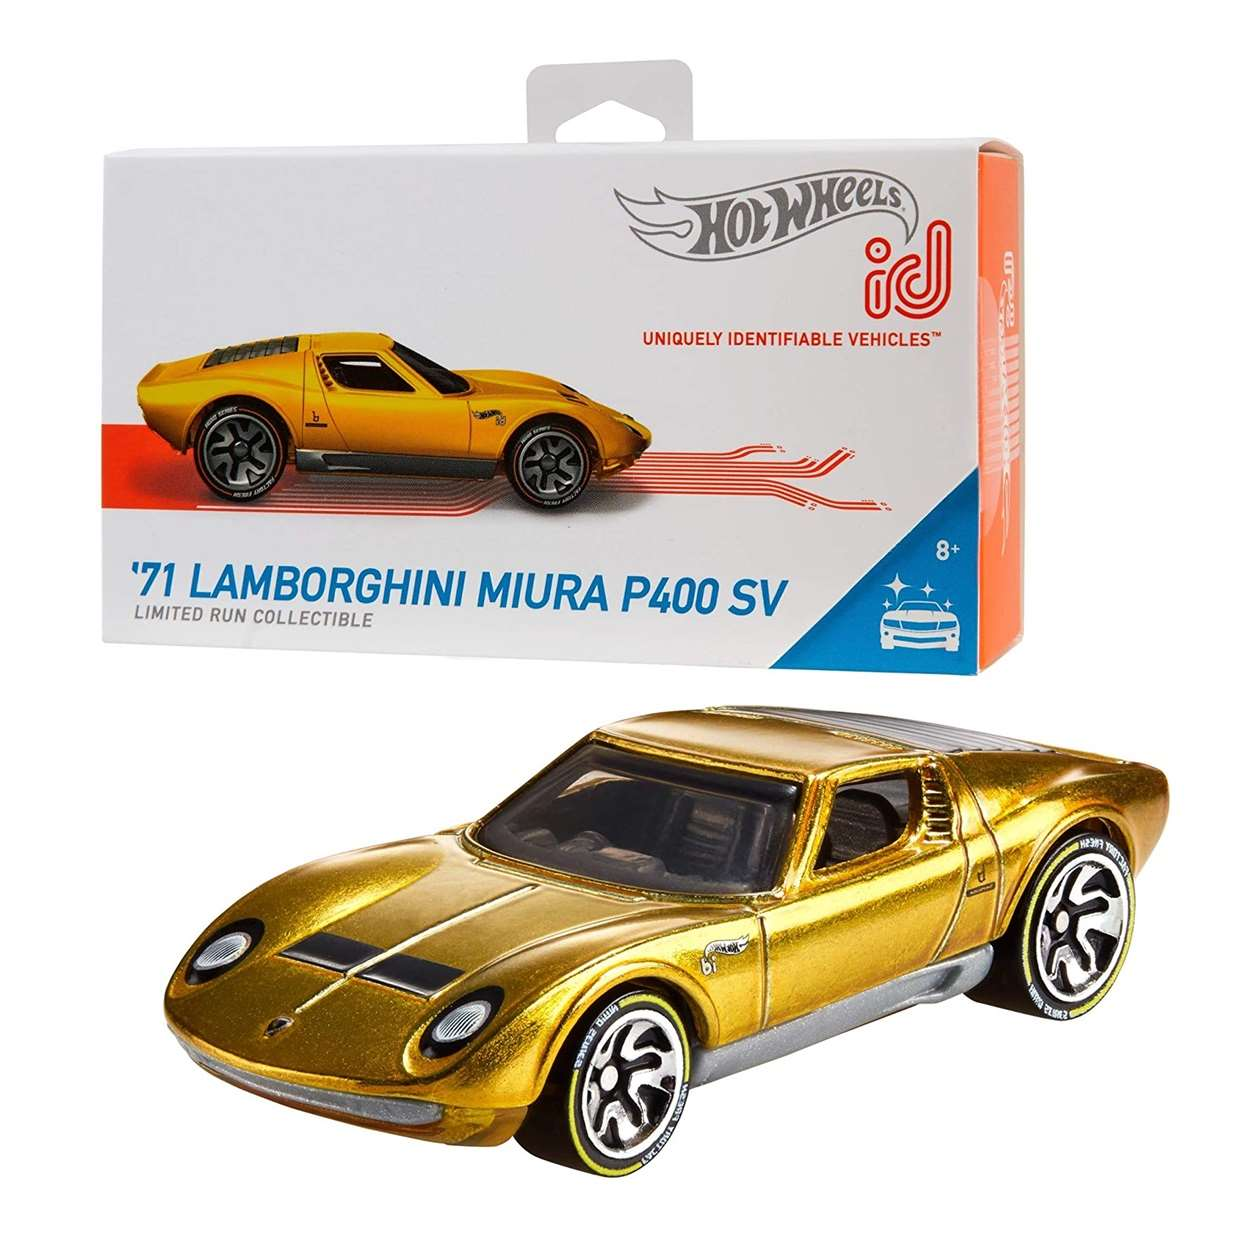 71 Lamborghini Miura P400 Sv Hot Wheels ID